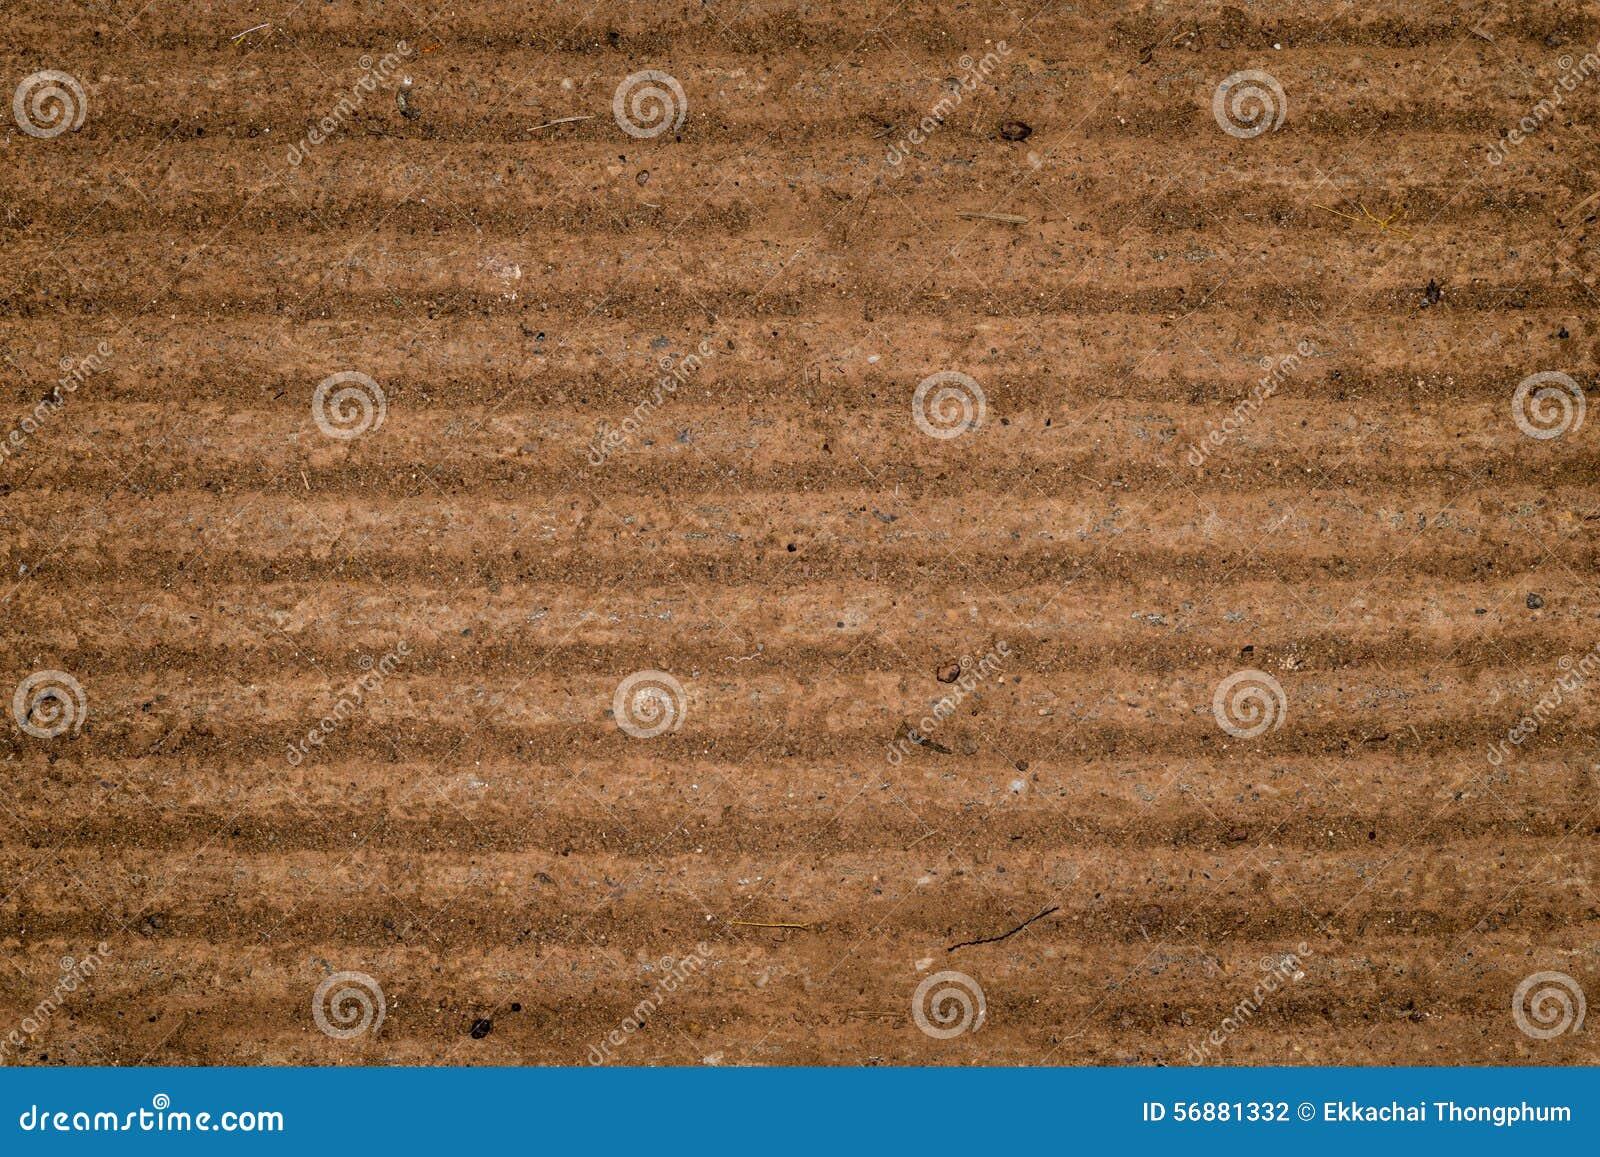 För slut för betongspår upp bakgrund för textur